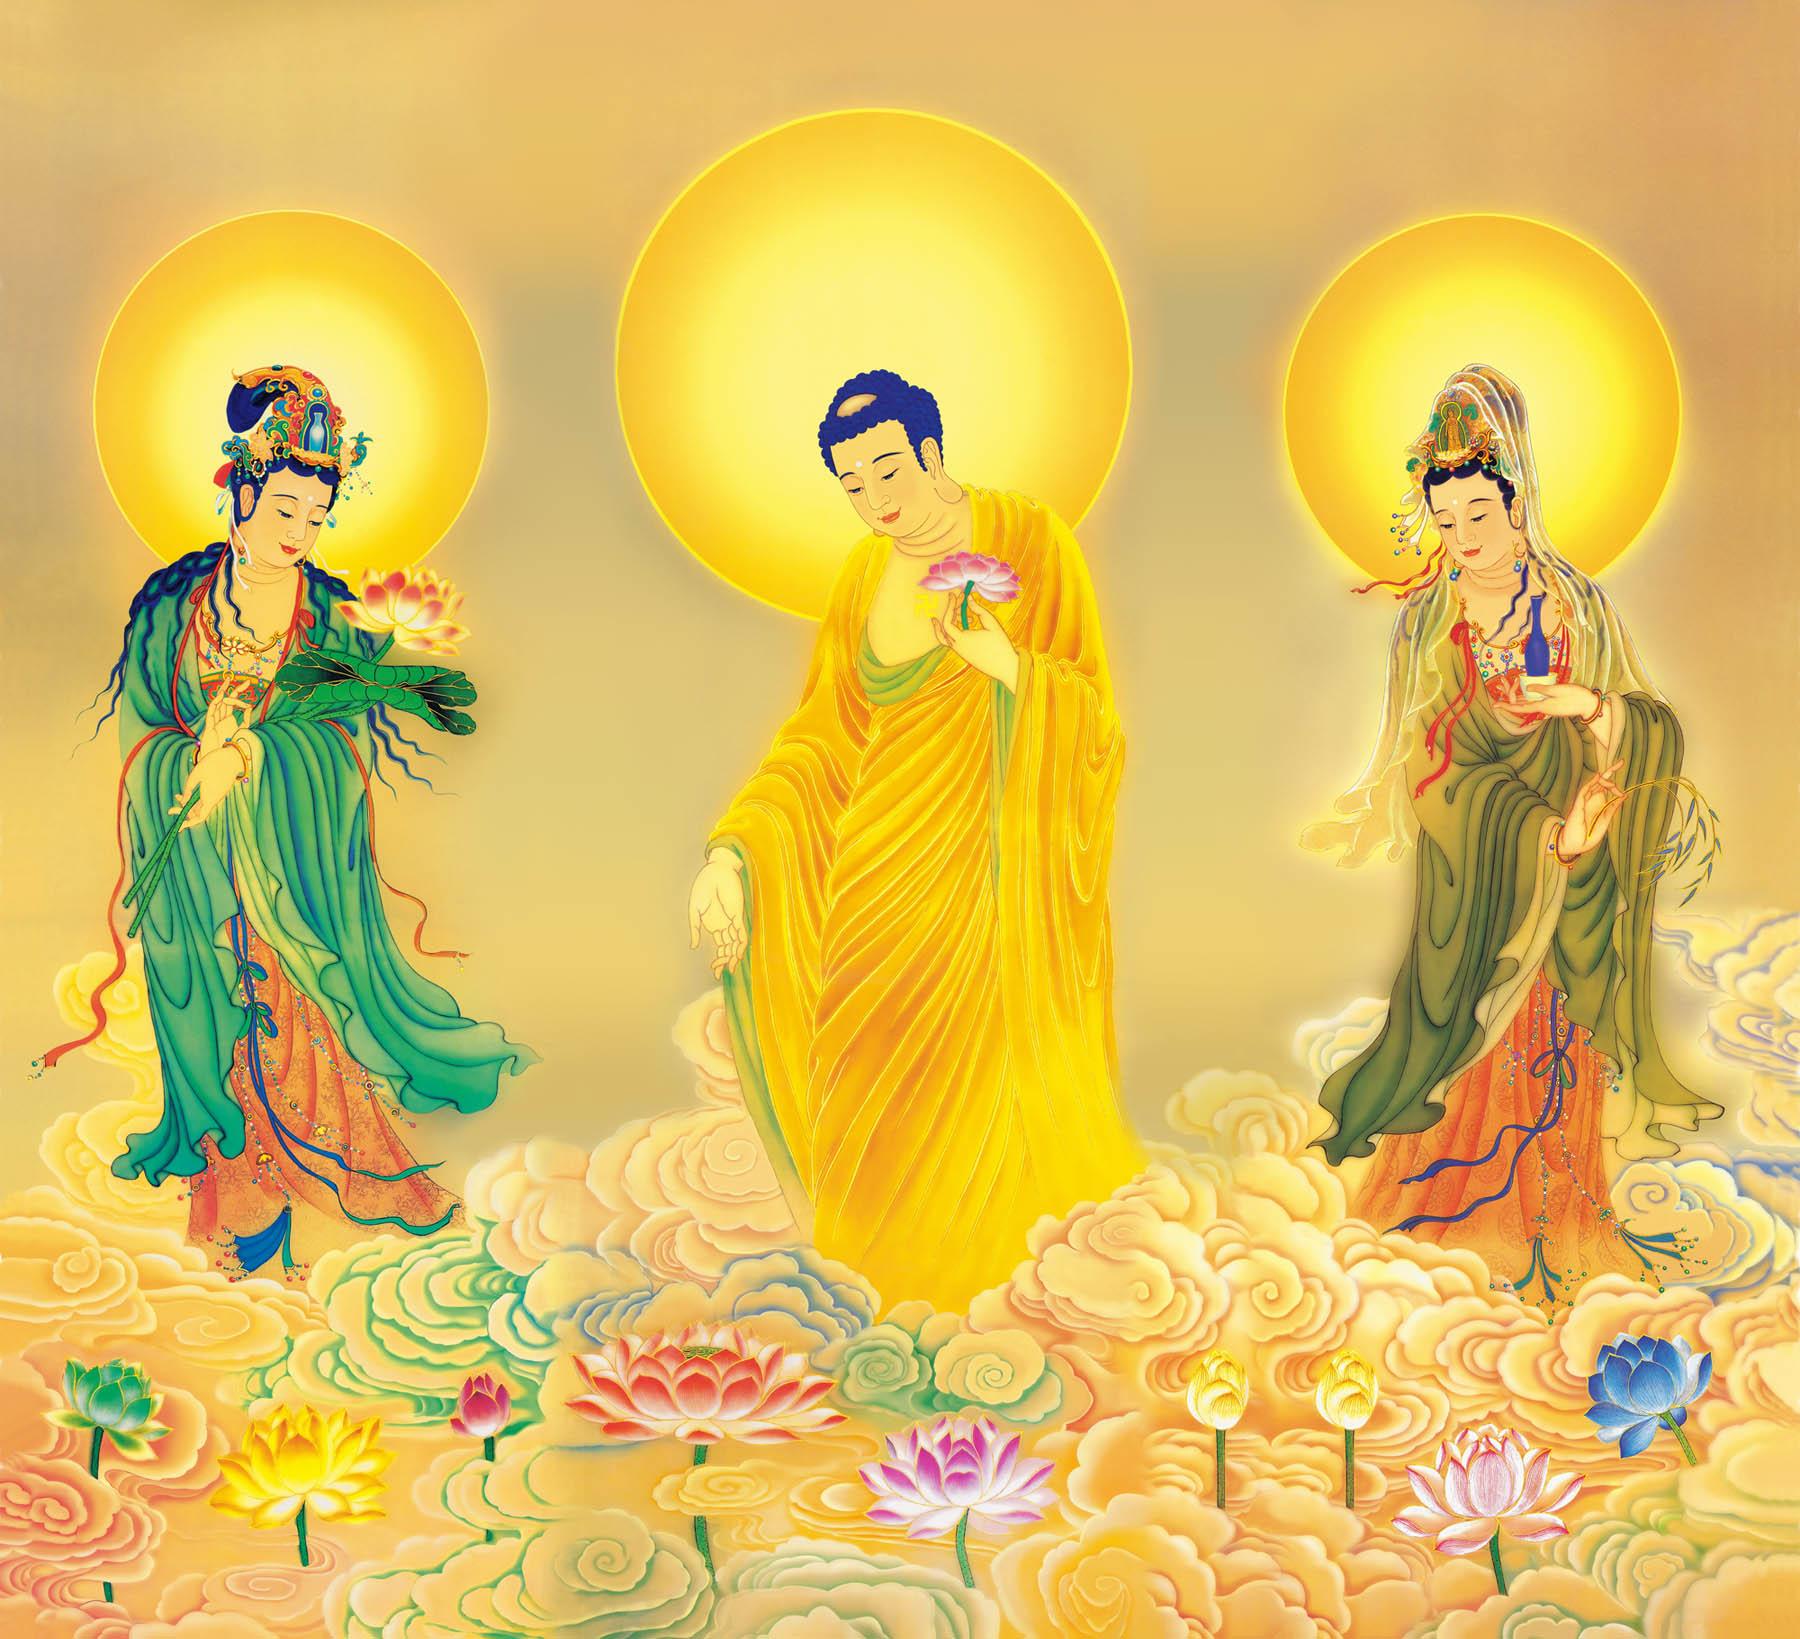 佛像掛畫 自在堂結緣佛像南無西方三聖(高清連幅)佛像畫像--絹絲掛畫『SS4105』